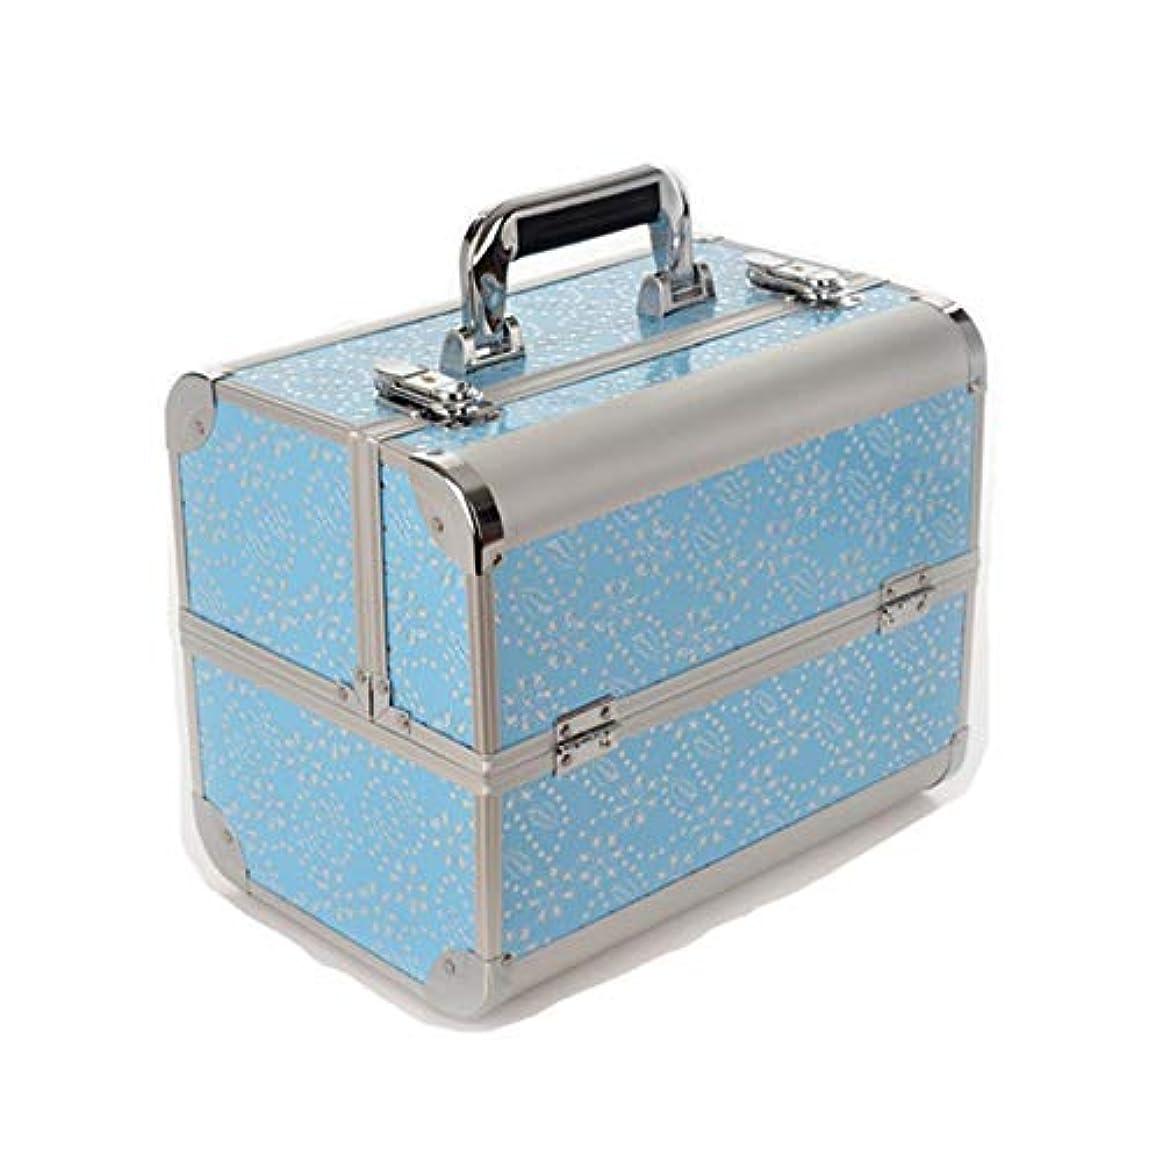 グループルールケイ素特大スペース収納ビューティーボックス 美の構造のためそしてジッパーおよび折る皿が付いている女の子の女性旅行そして毎日の貯蔵のための高容量の携帯用化粧品袋 化粧品化粧台 (色 : 青)